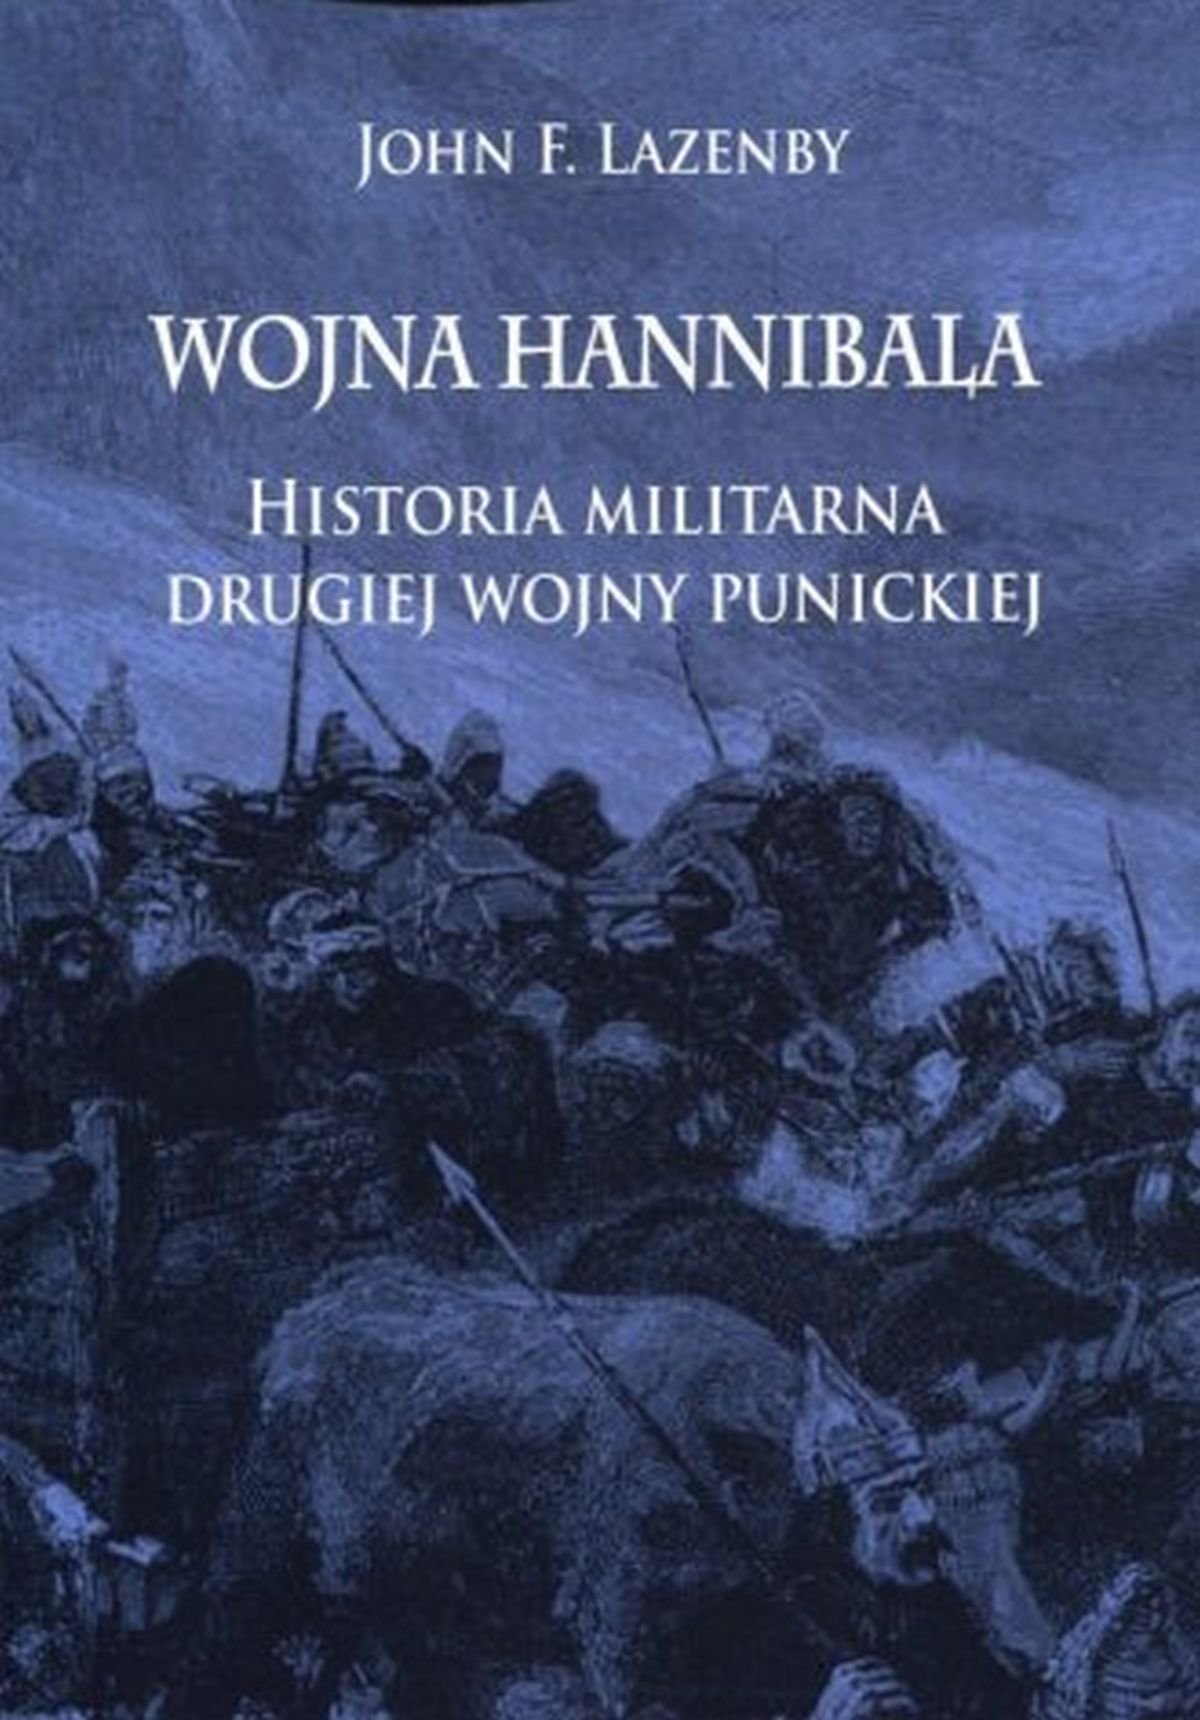 John F. Lazenby, Wojna Hannibala. Historia militarna drugiej wojny punickiej